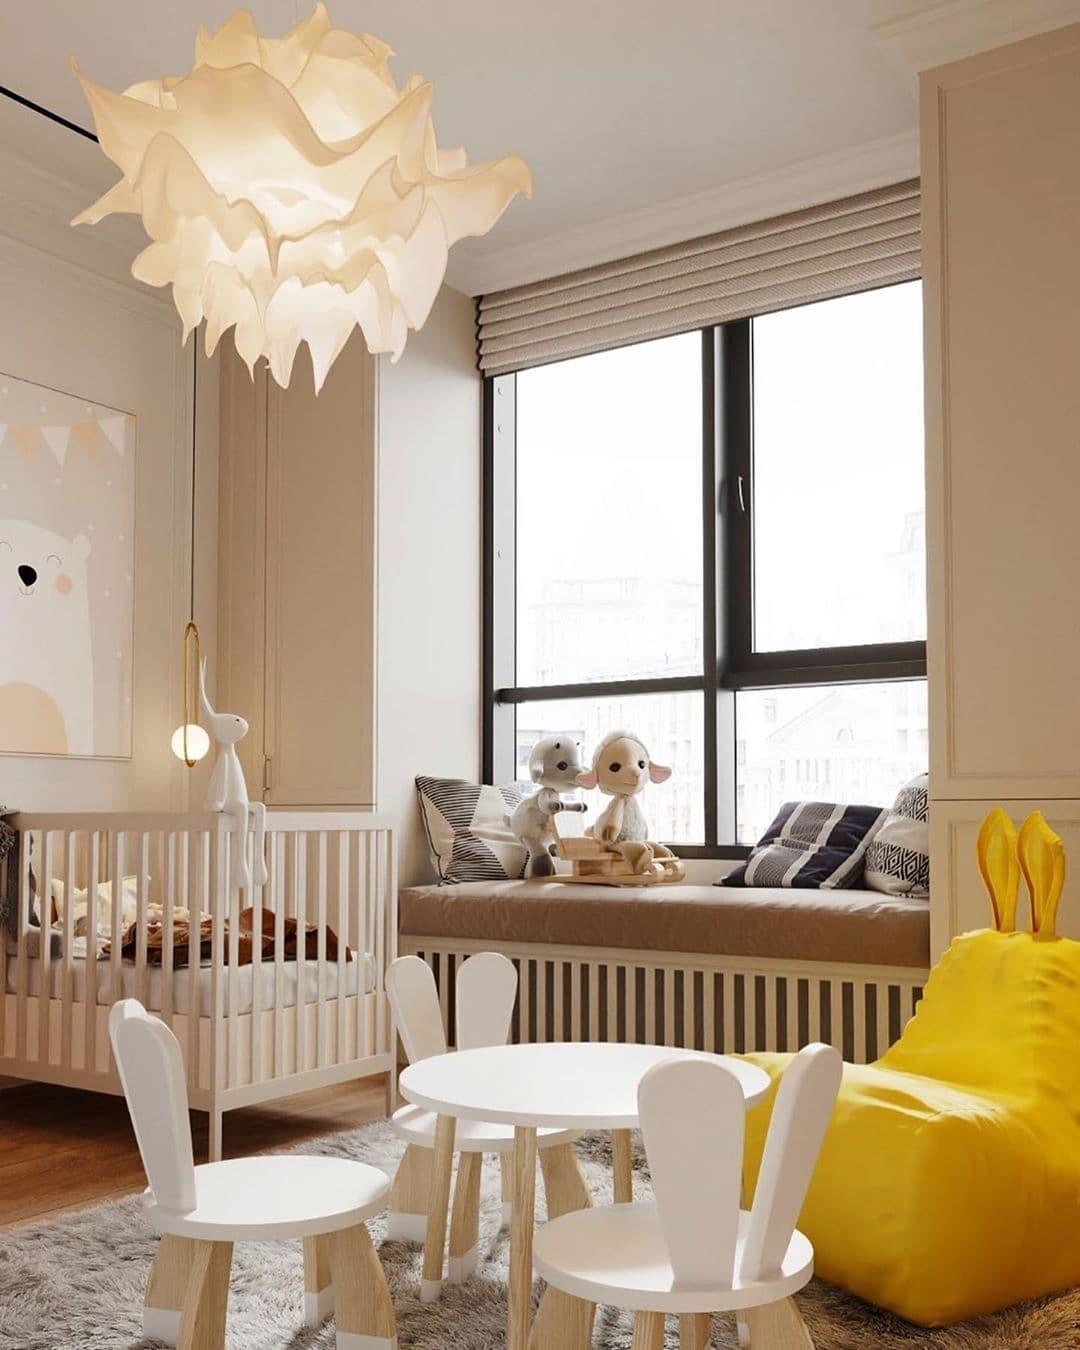 Дизайн-проект маленькой детской комнаты для девочек двойняшек 3